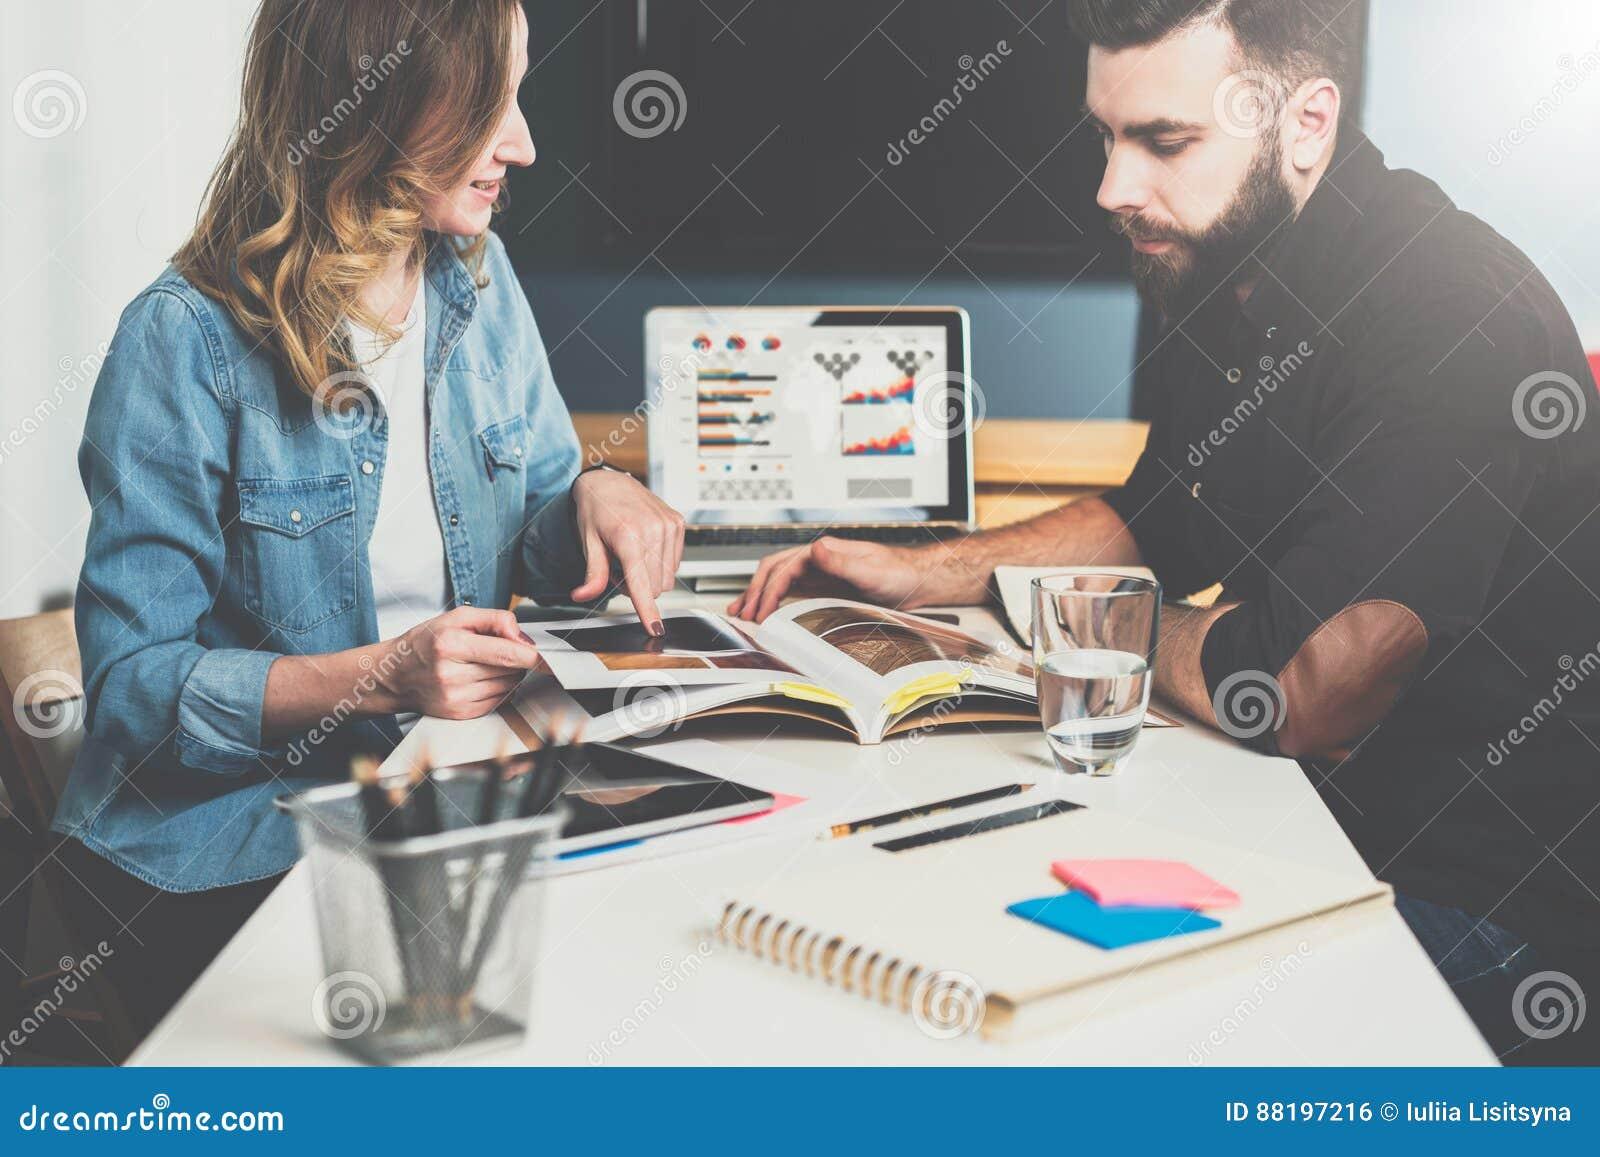 Één op één vergadering Commerciële vergadering Op lijst is laptop en notitieboekje met grafieken en diagrammen op het scherm Onli